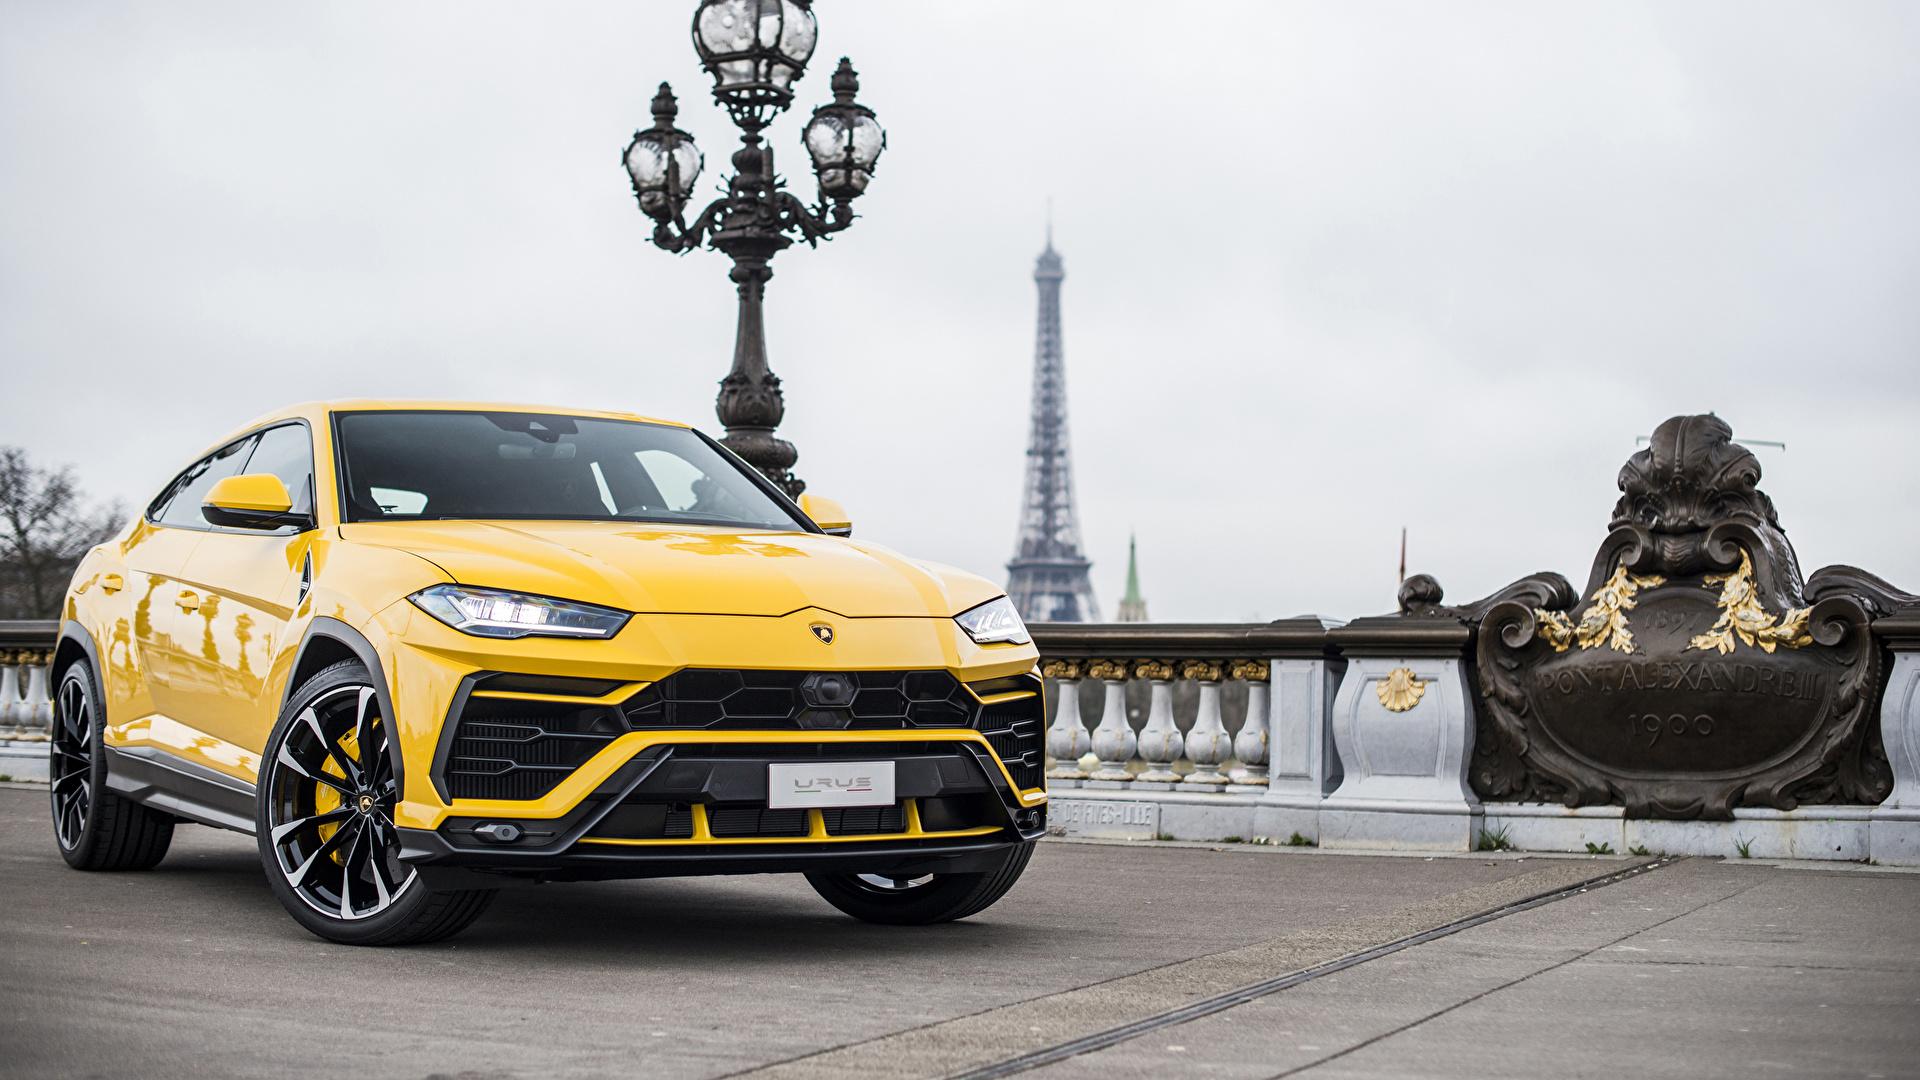 Fotos von Lamborghini 2018 Urus Gelb Autos Metallisch 1920x1080